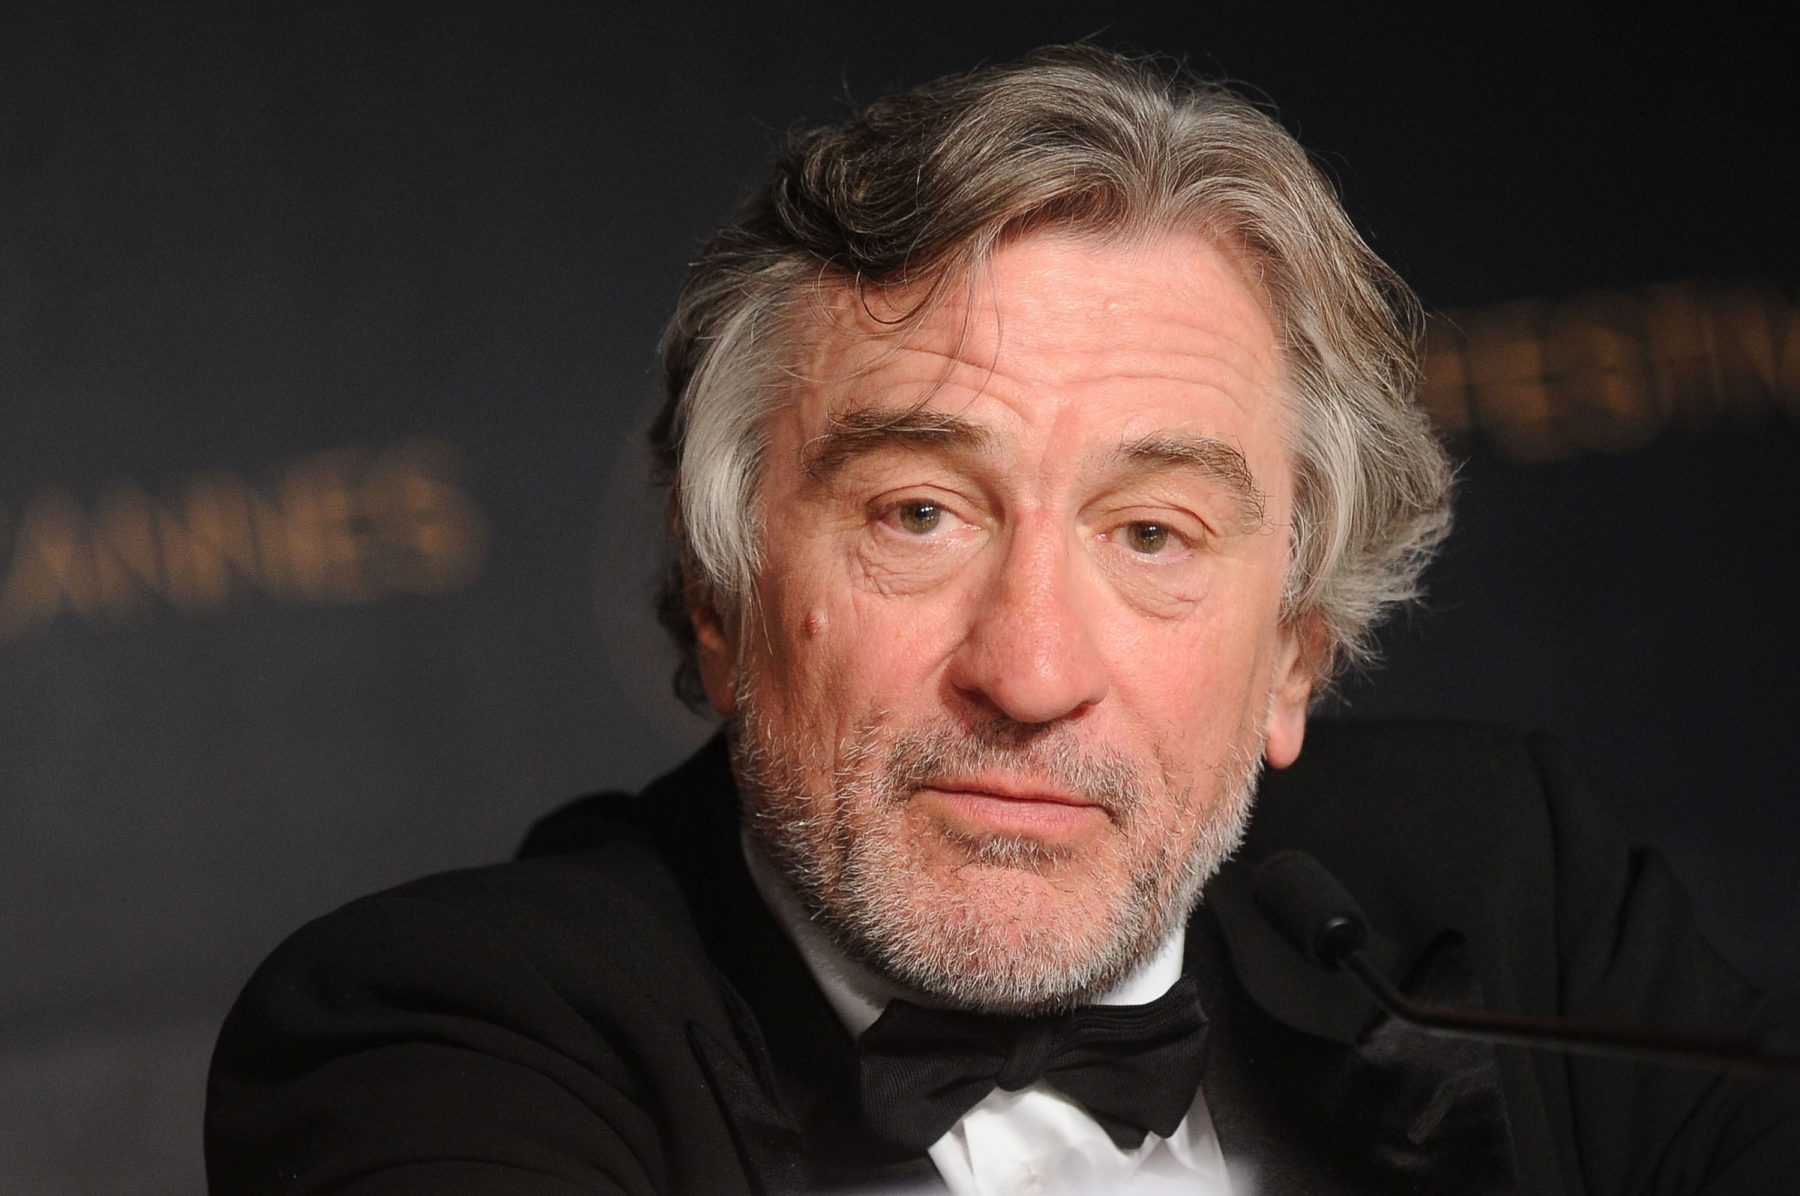 Роберт Де Ниро празднует 73-й день рождения! 10 лучших фильмов с великим актёром